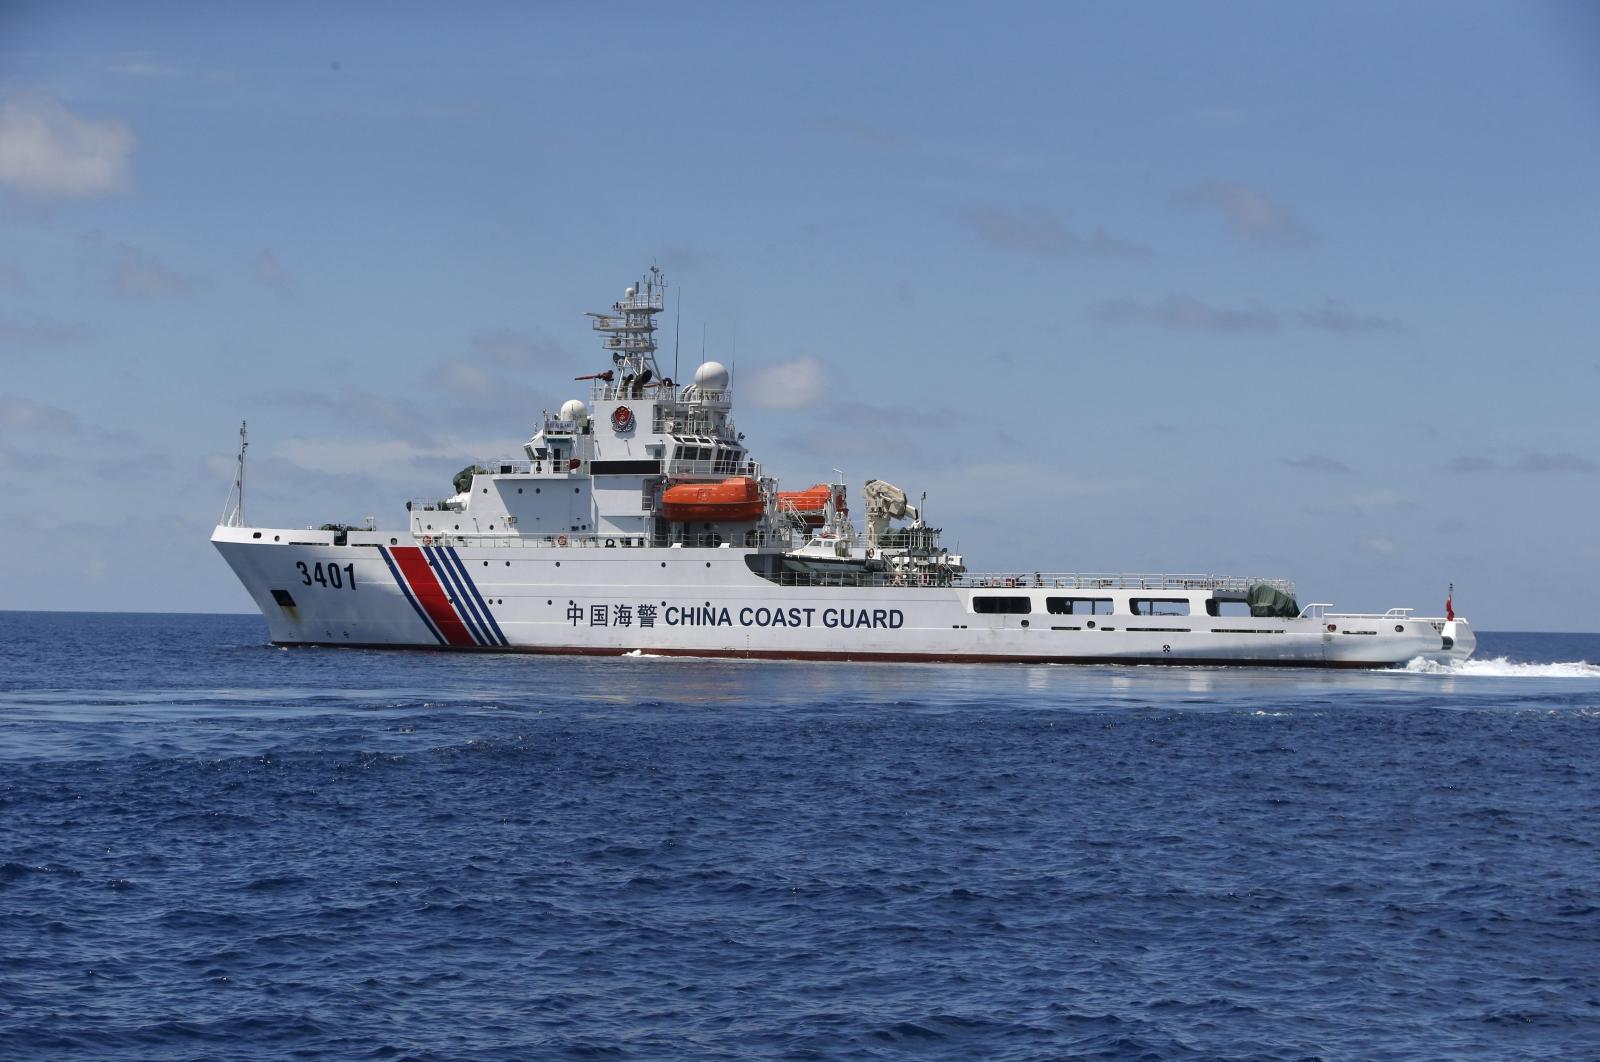 South China Sea tensions